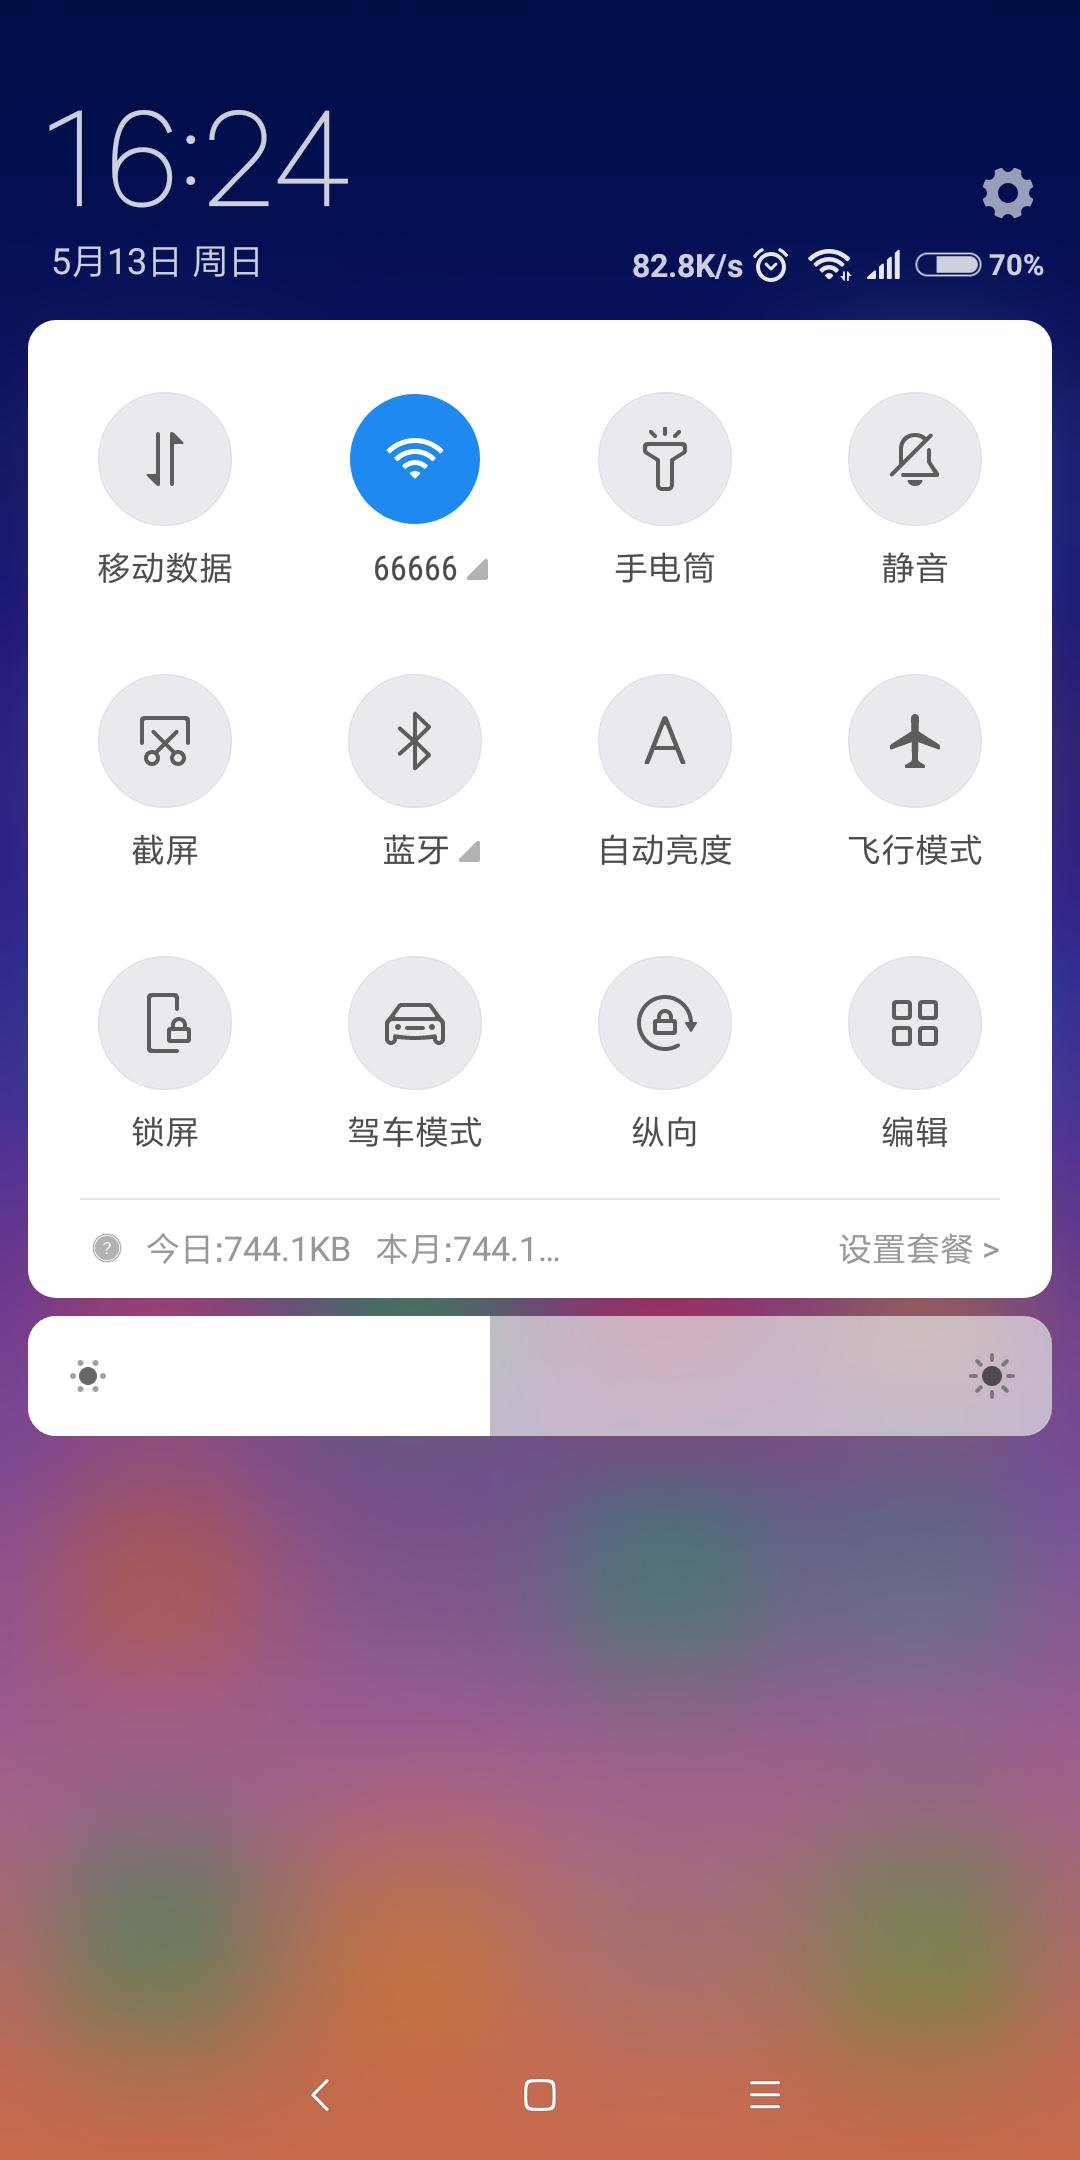 小米MIX2 MIUI9外型转变较大 的版本号感受(海外版8.5.11一键刷机感受)